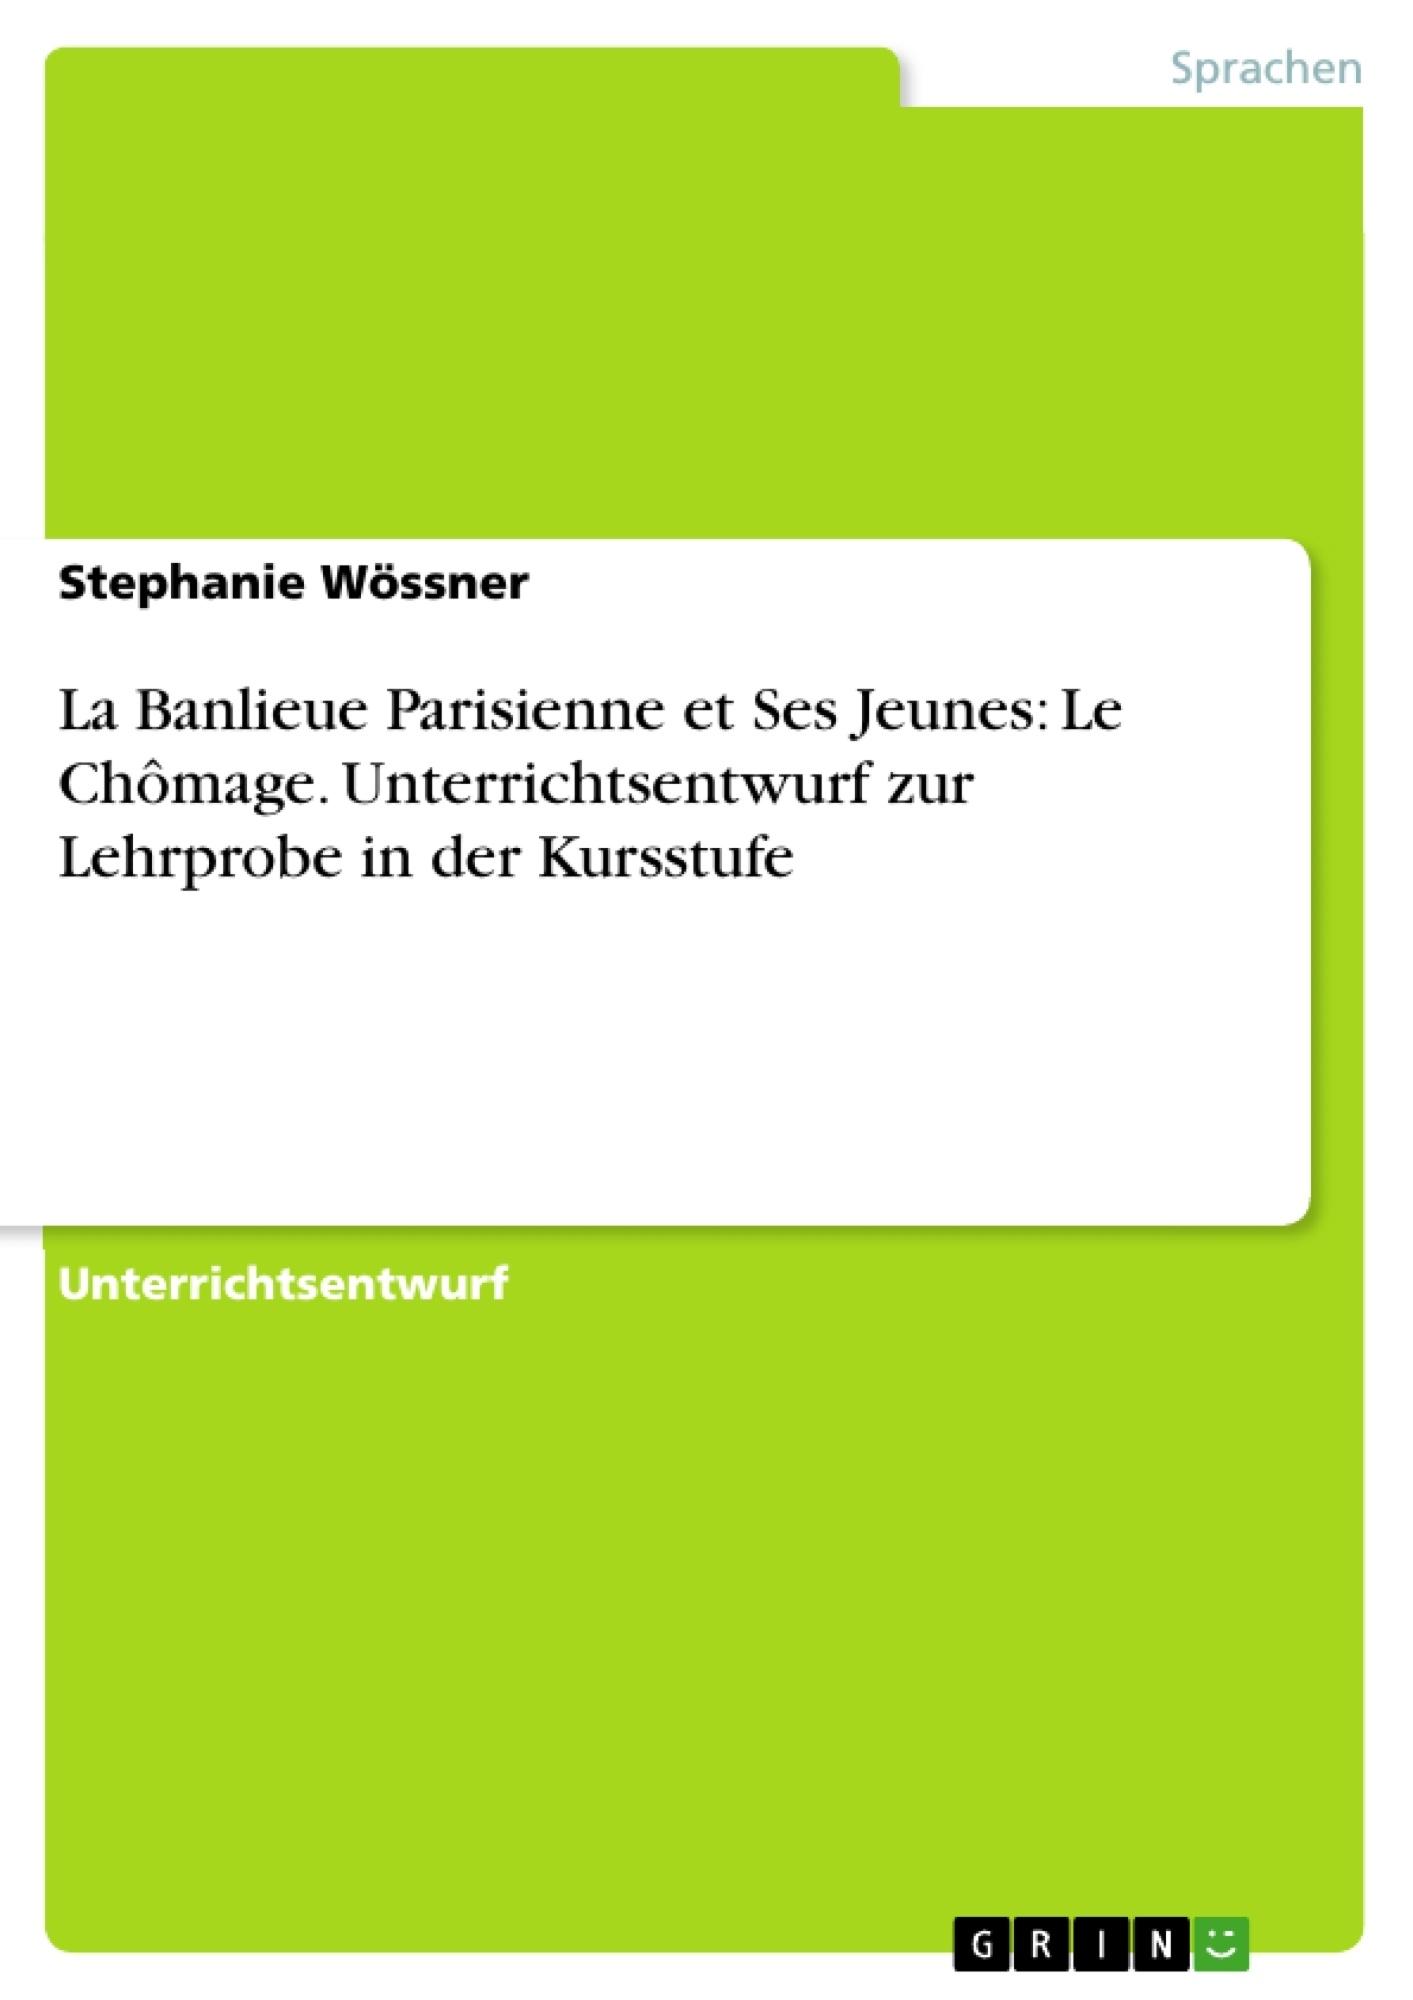 Titel: La Banlieue Parisienne et Ses Jeunes: Le Chômage. Unterrichtsentwurf zur Lehrprobe in der Kursstufe